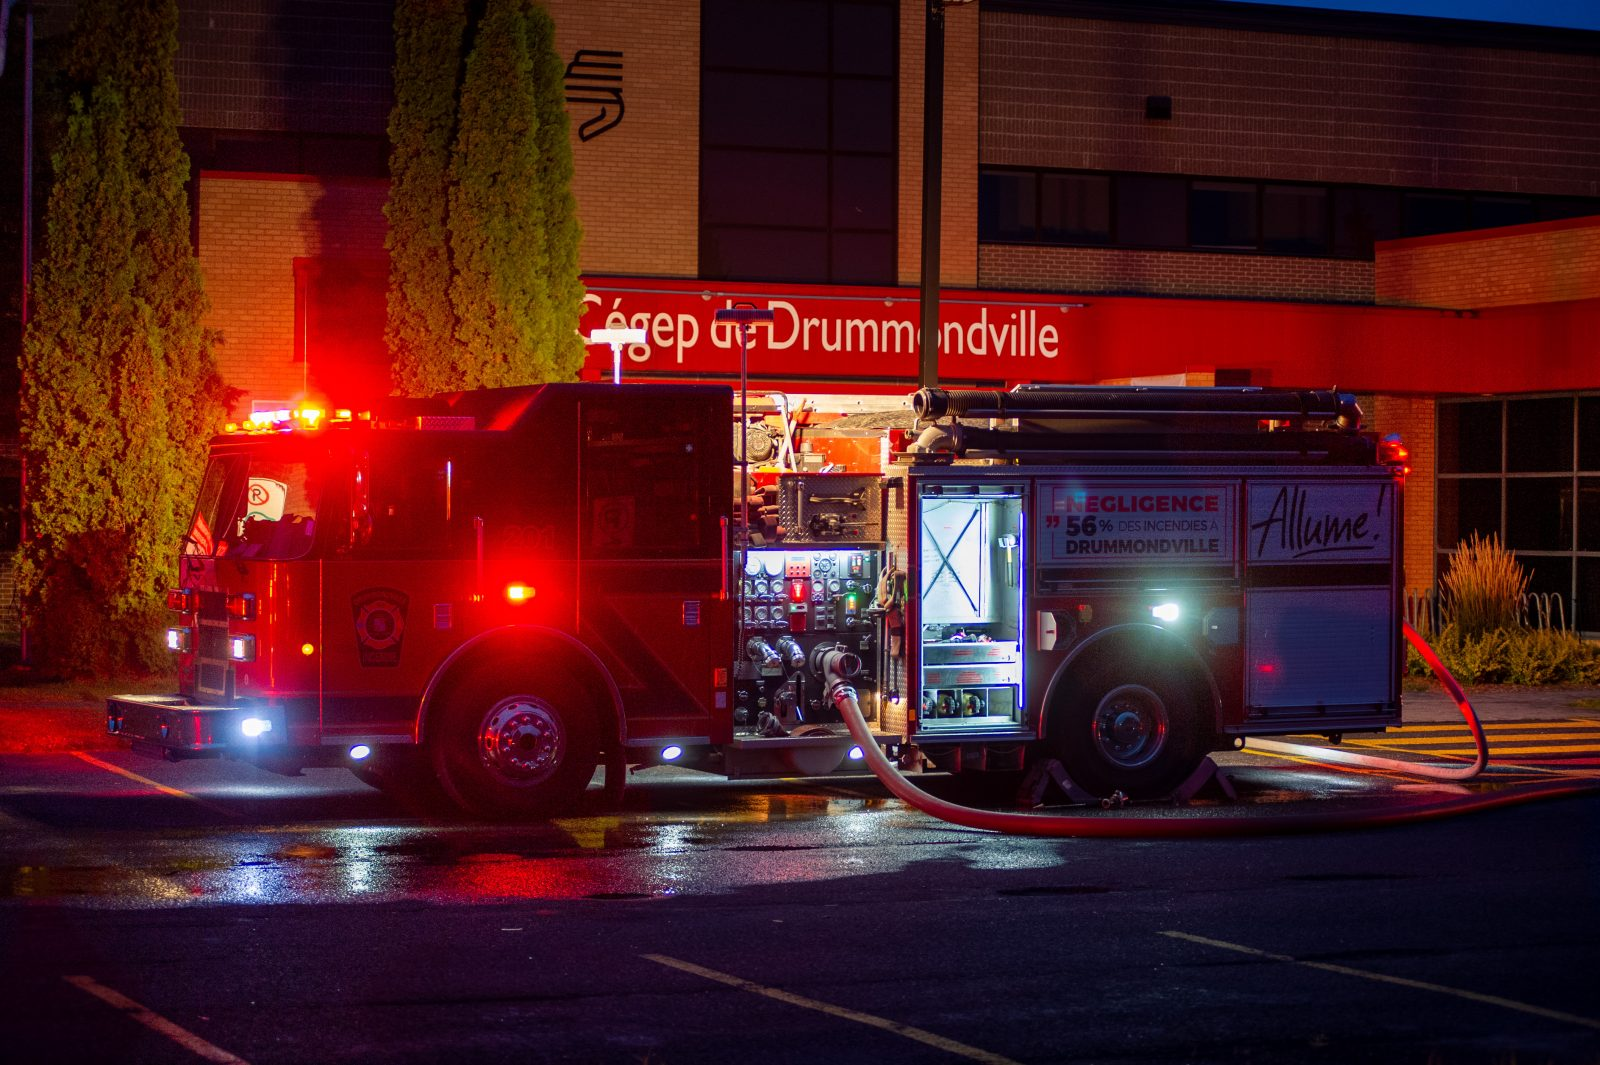 Le cégep évacué en raison d'un incendie